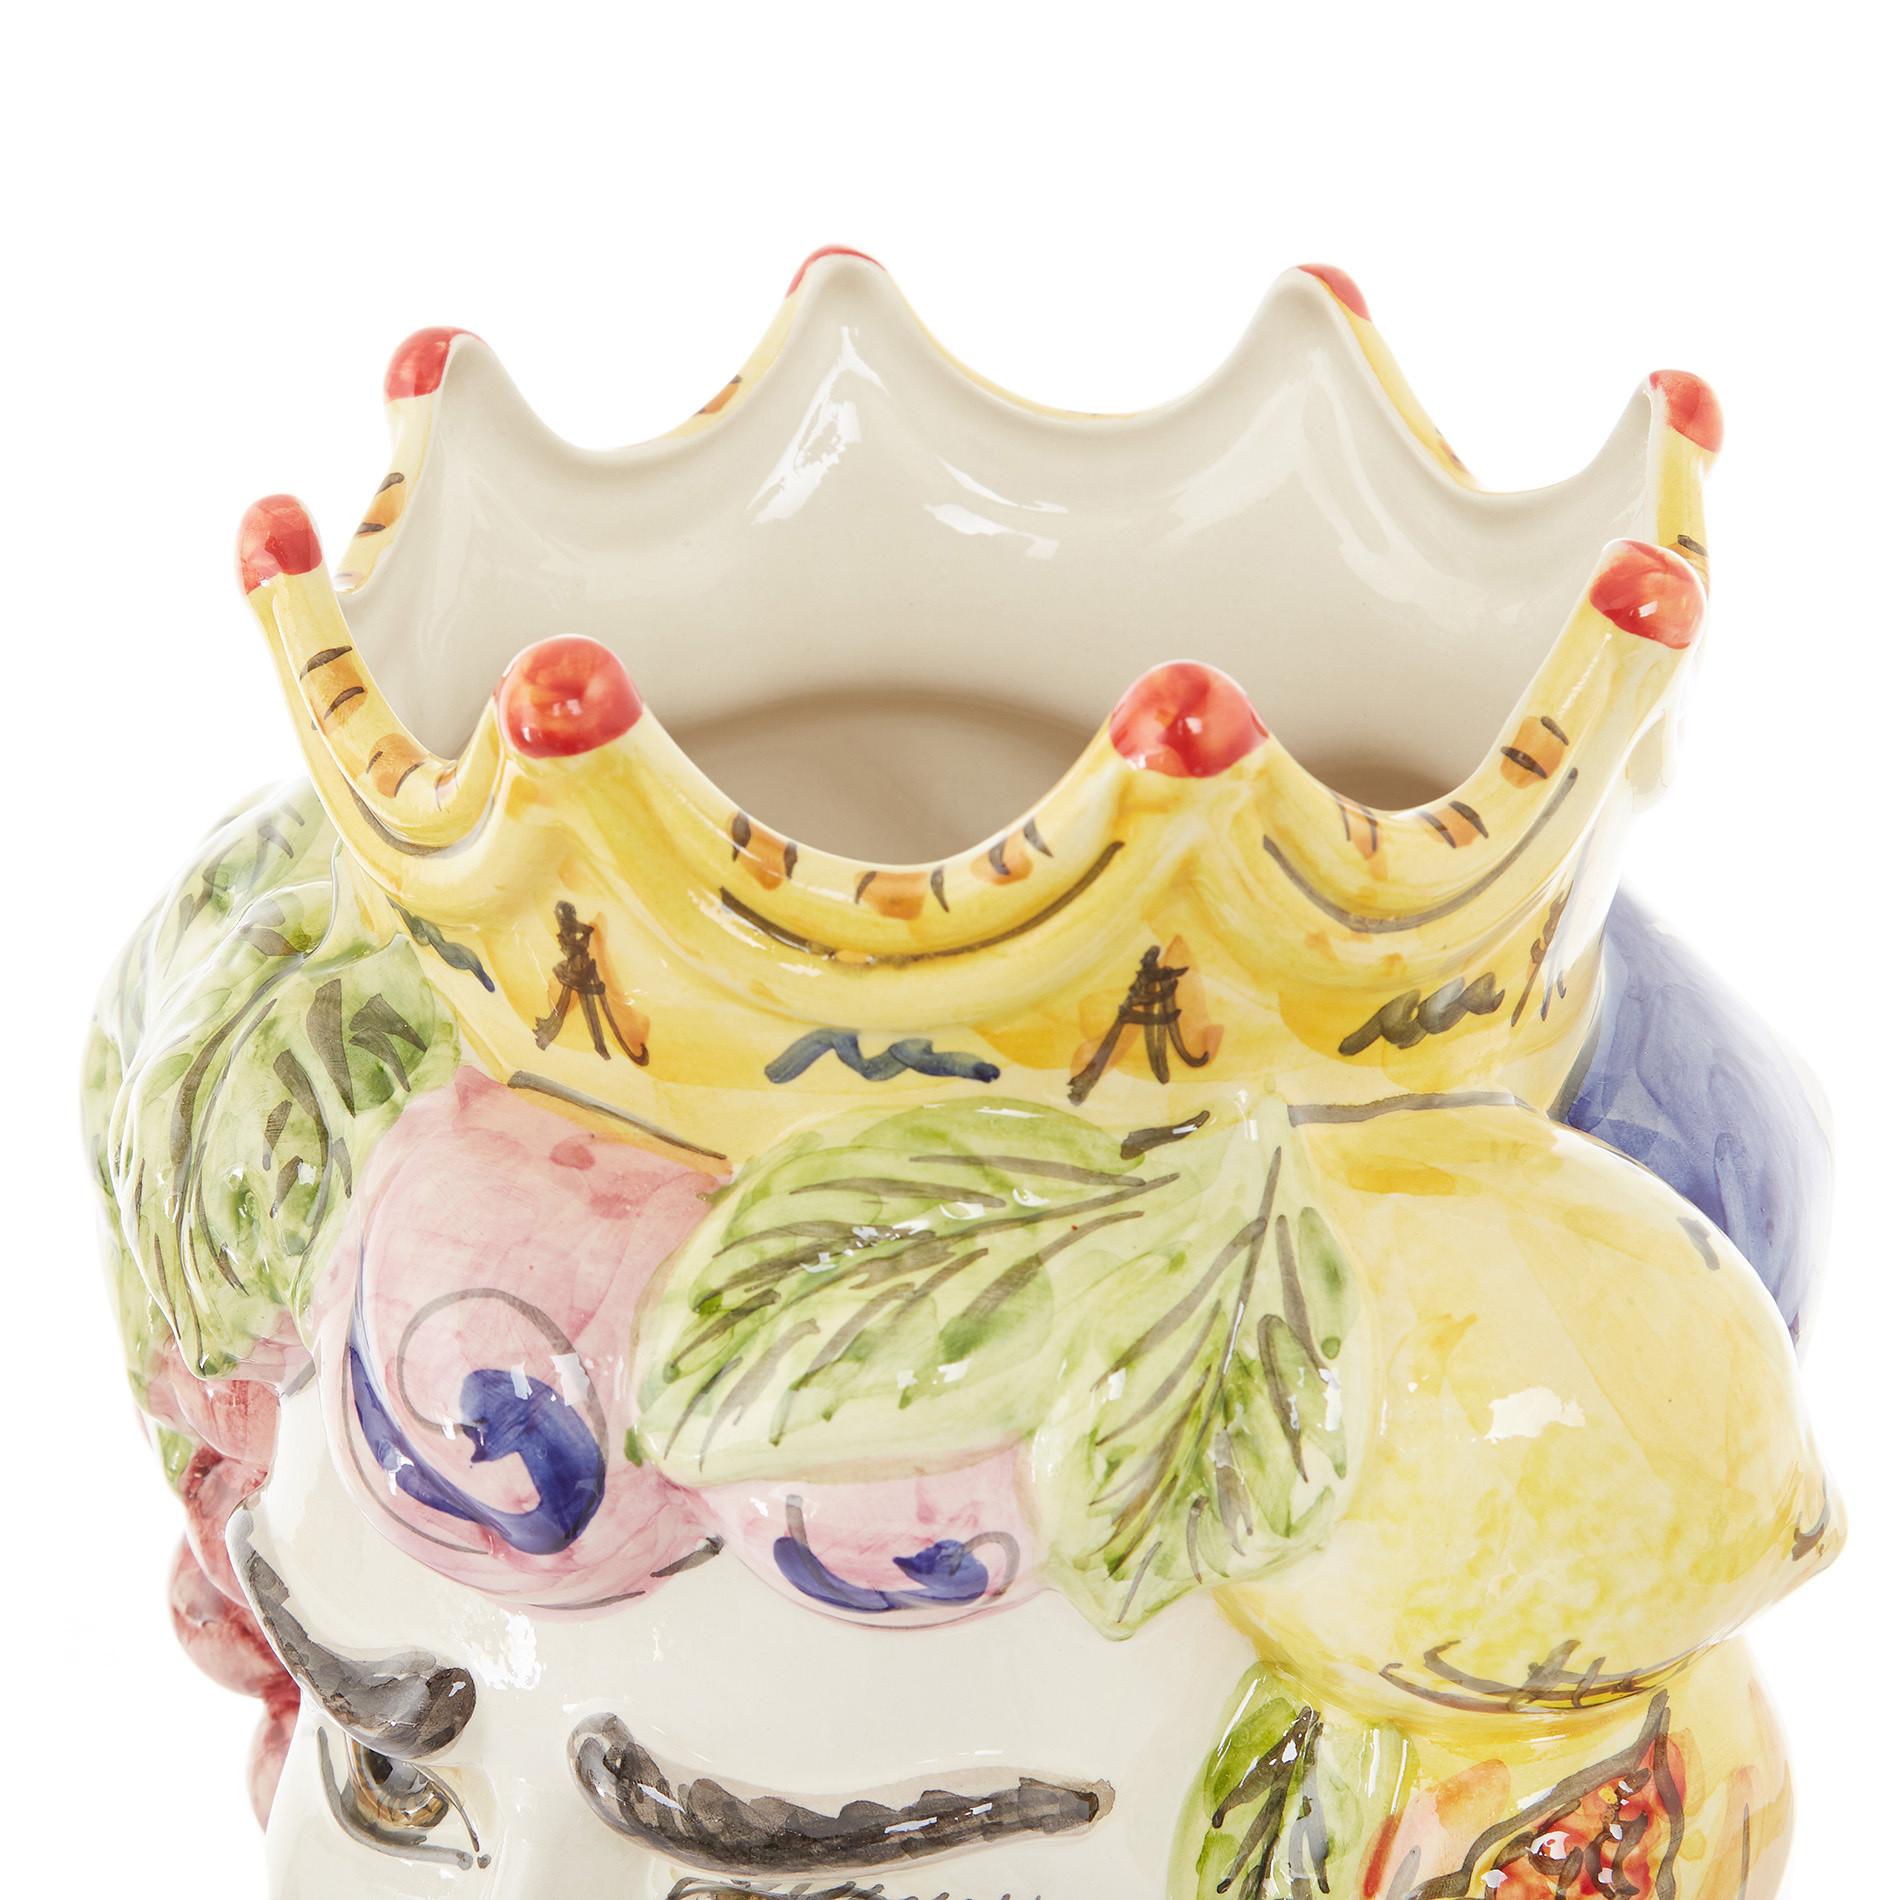 Testa di moro tradizionale by Ceramiche Siciliane Ruggeri, Multicolor, large image number 4